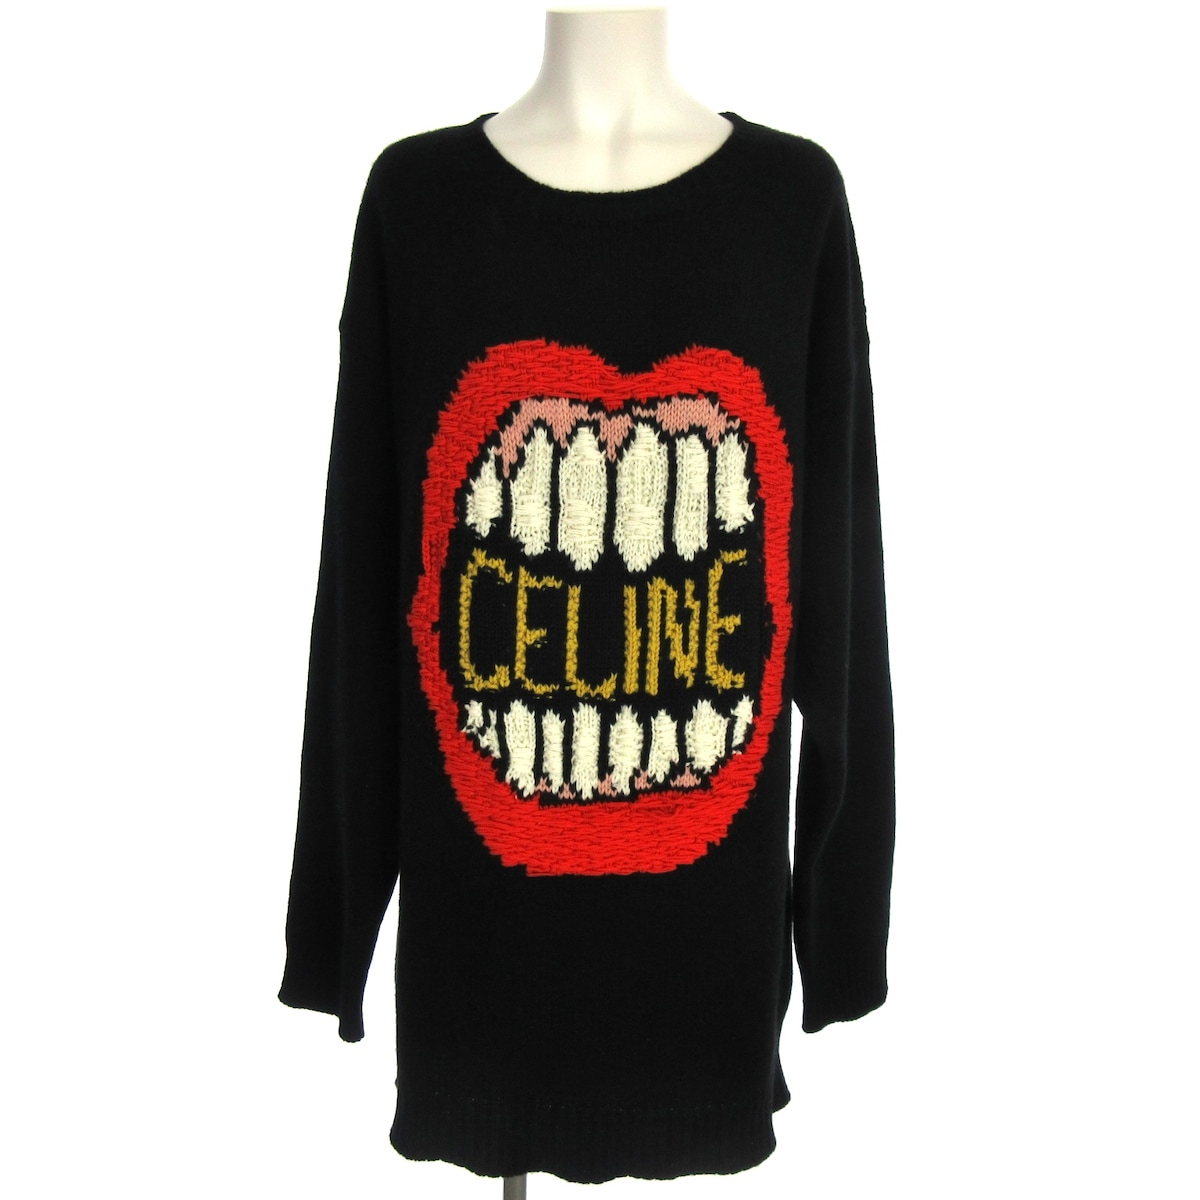 CELINE(セリーヌ)のルーズクーネックセーター